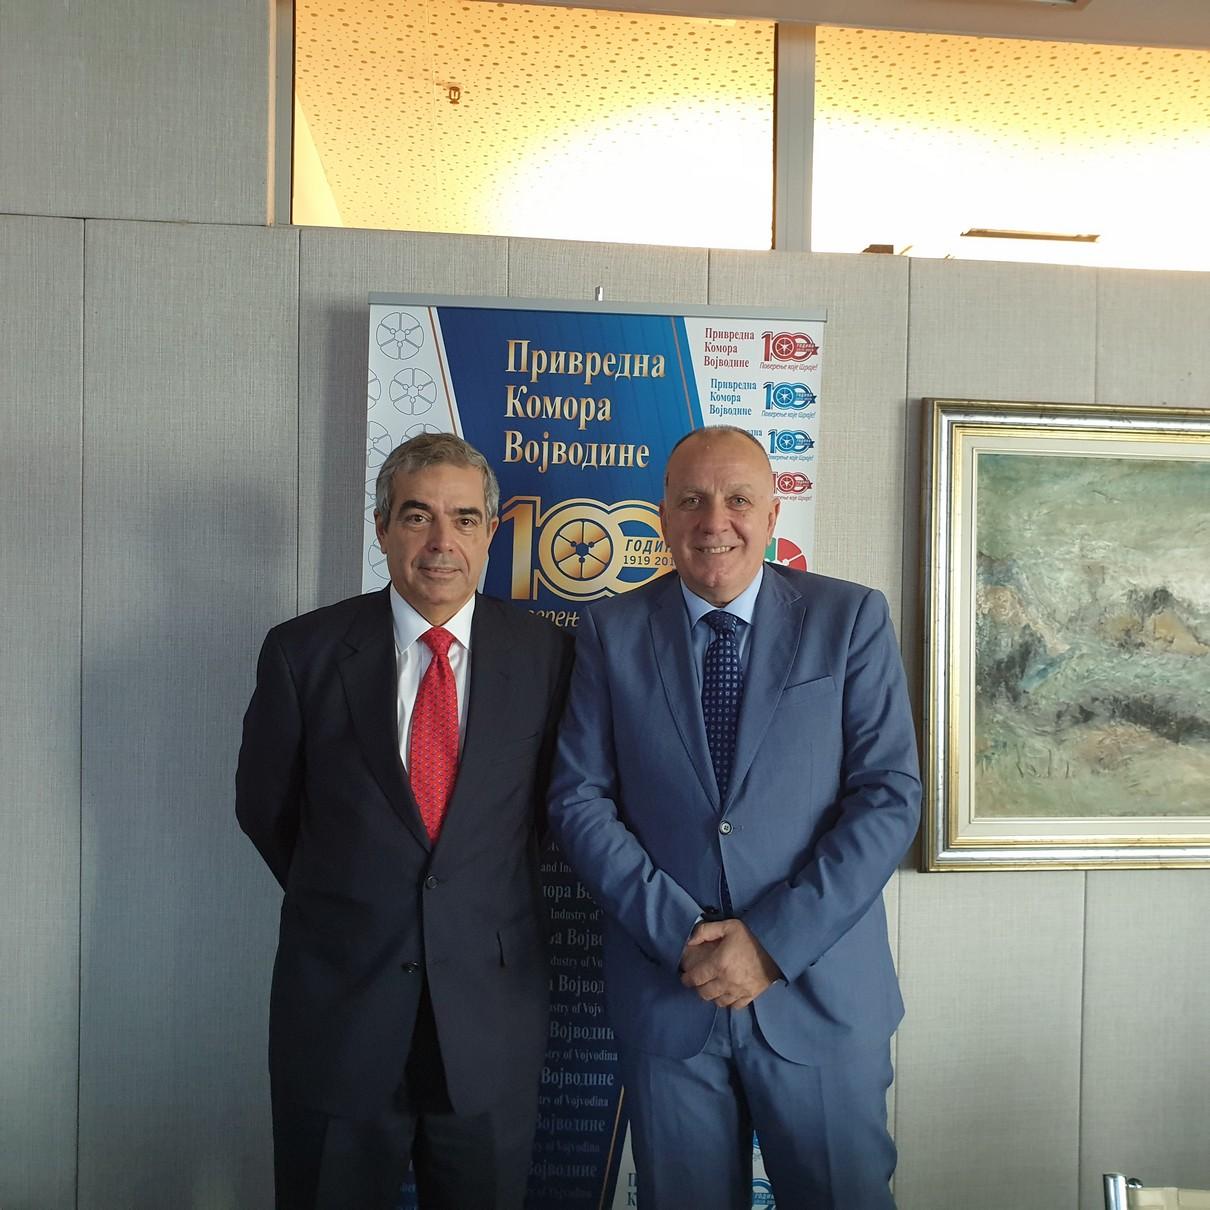 Ambasador Savezne Republike Brazila u Republici Srbiji posetio Privrednu komoru Vojvodine